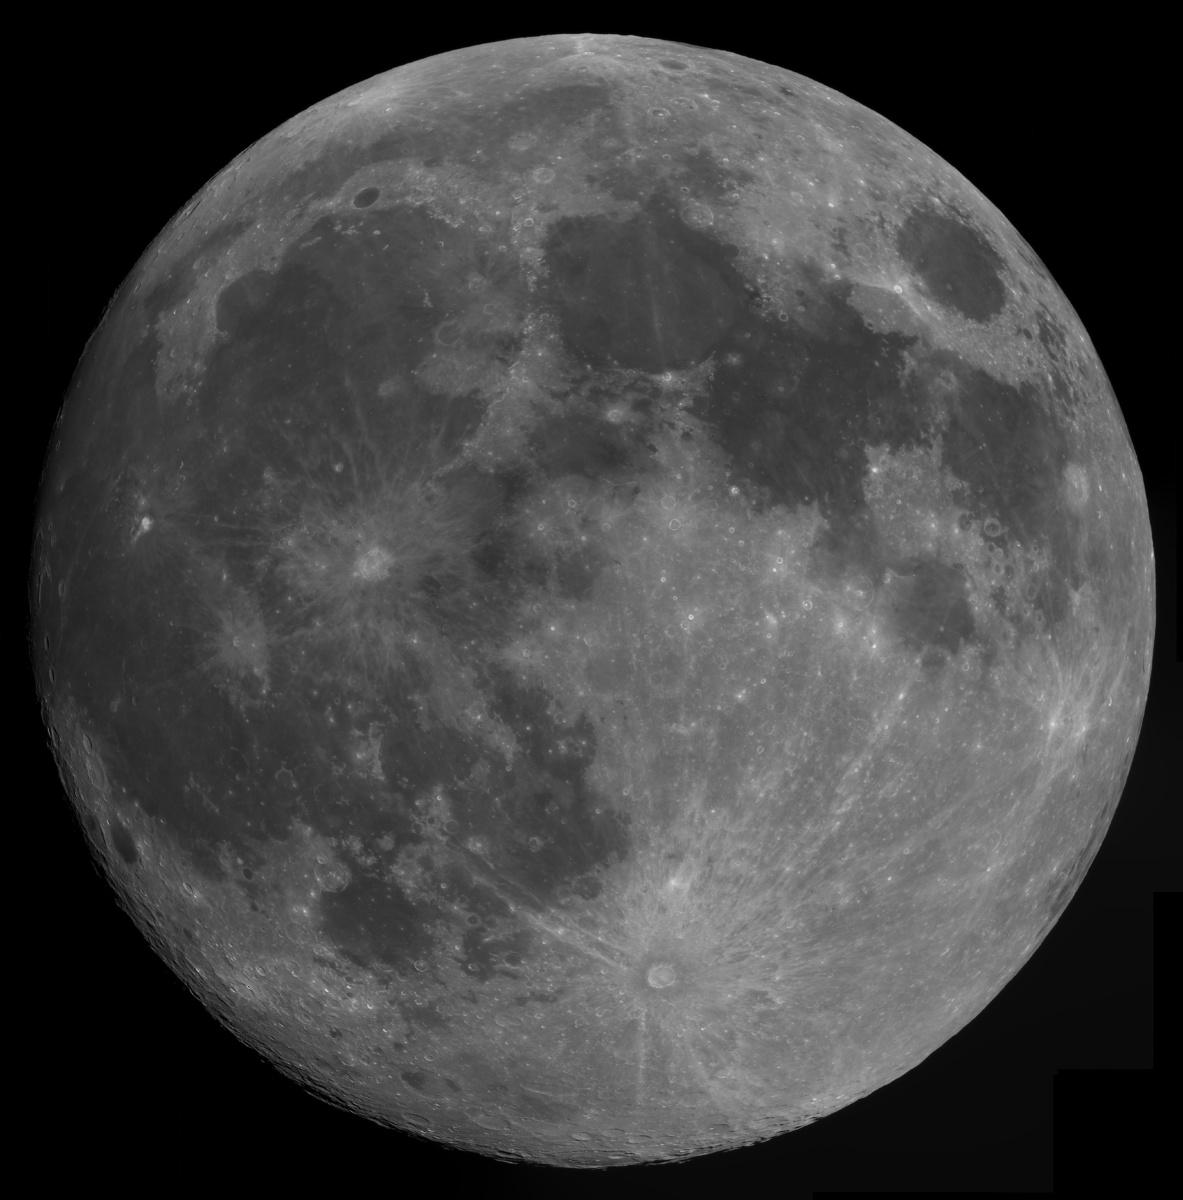 Moon_2019_02_18_stitch_5_50_proc.thumb.jpg.d651c51e385f6ee3ba0211b50dd473a9.jpg